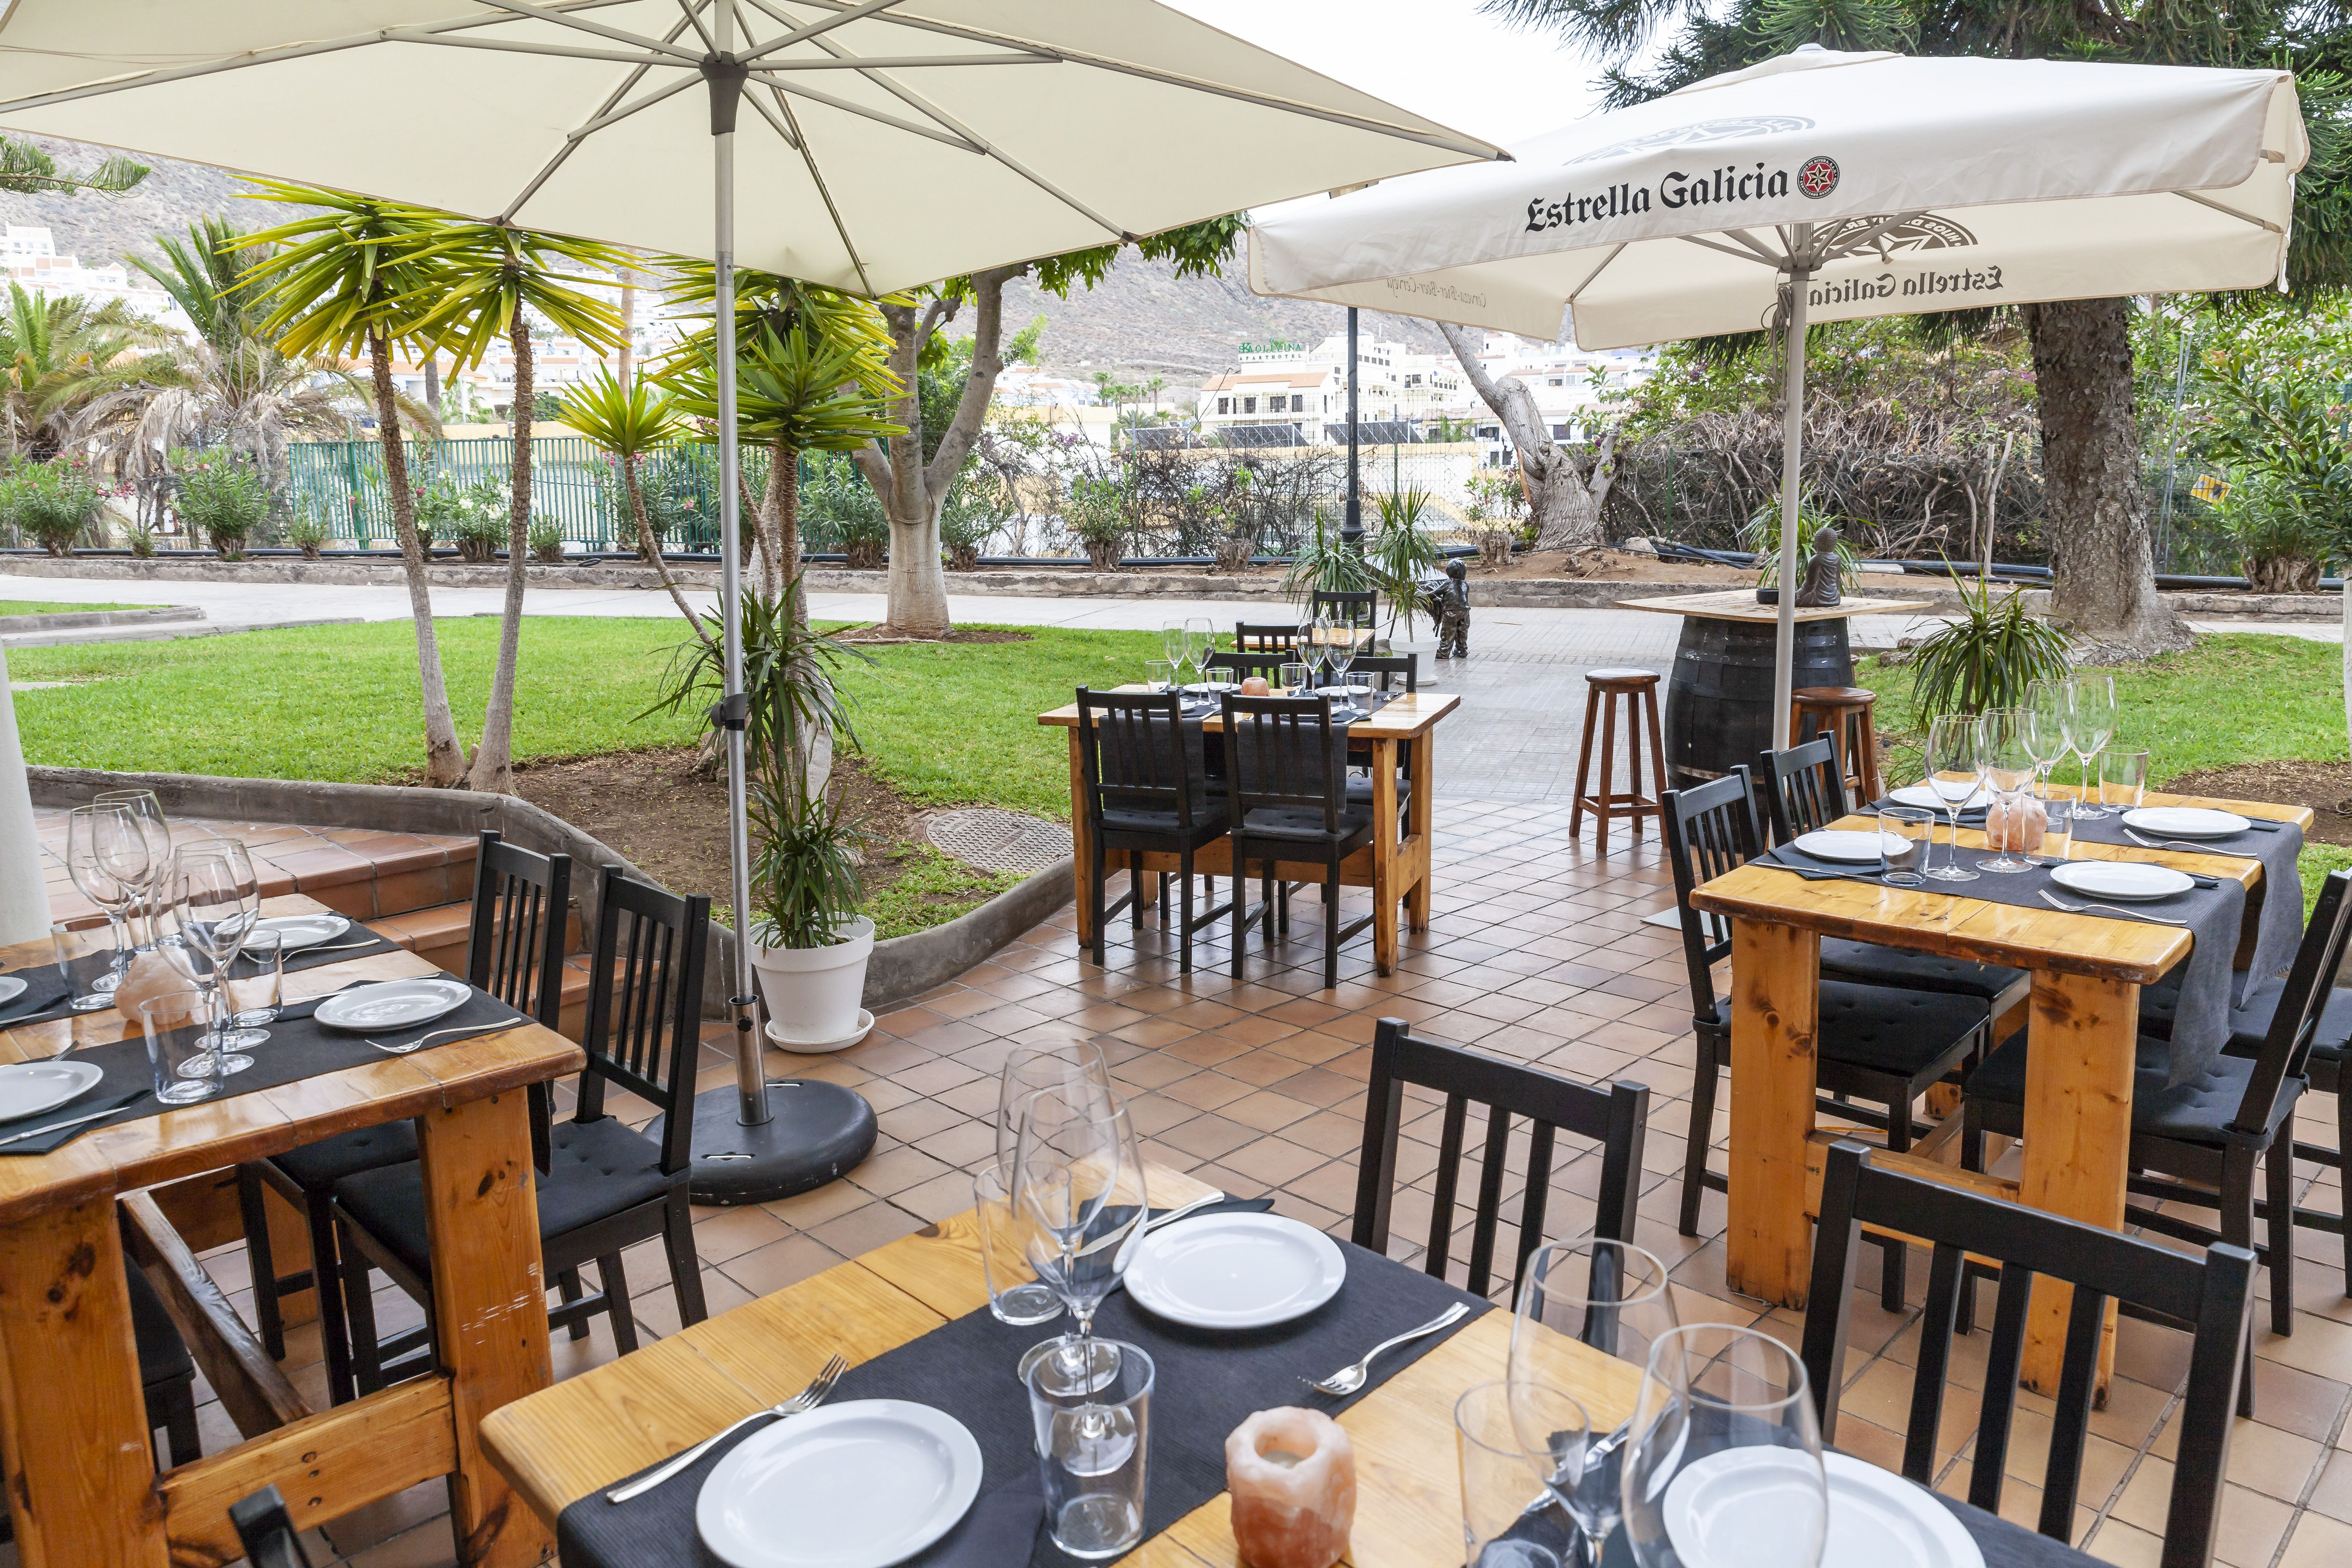 Mejores restaurantes de cocina canaria en Santa Cruz de Tenerife